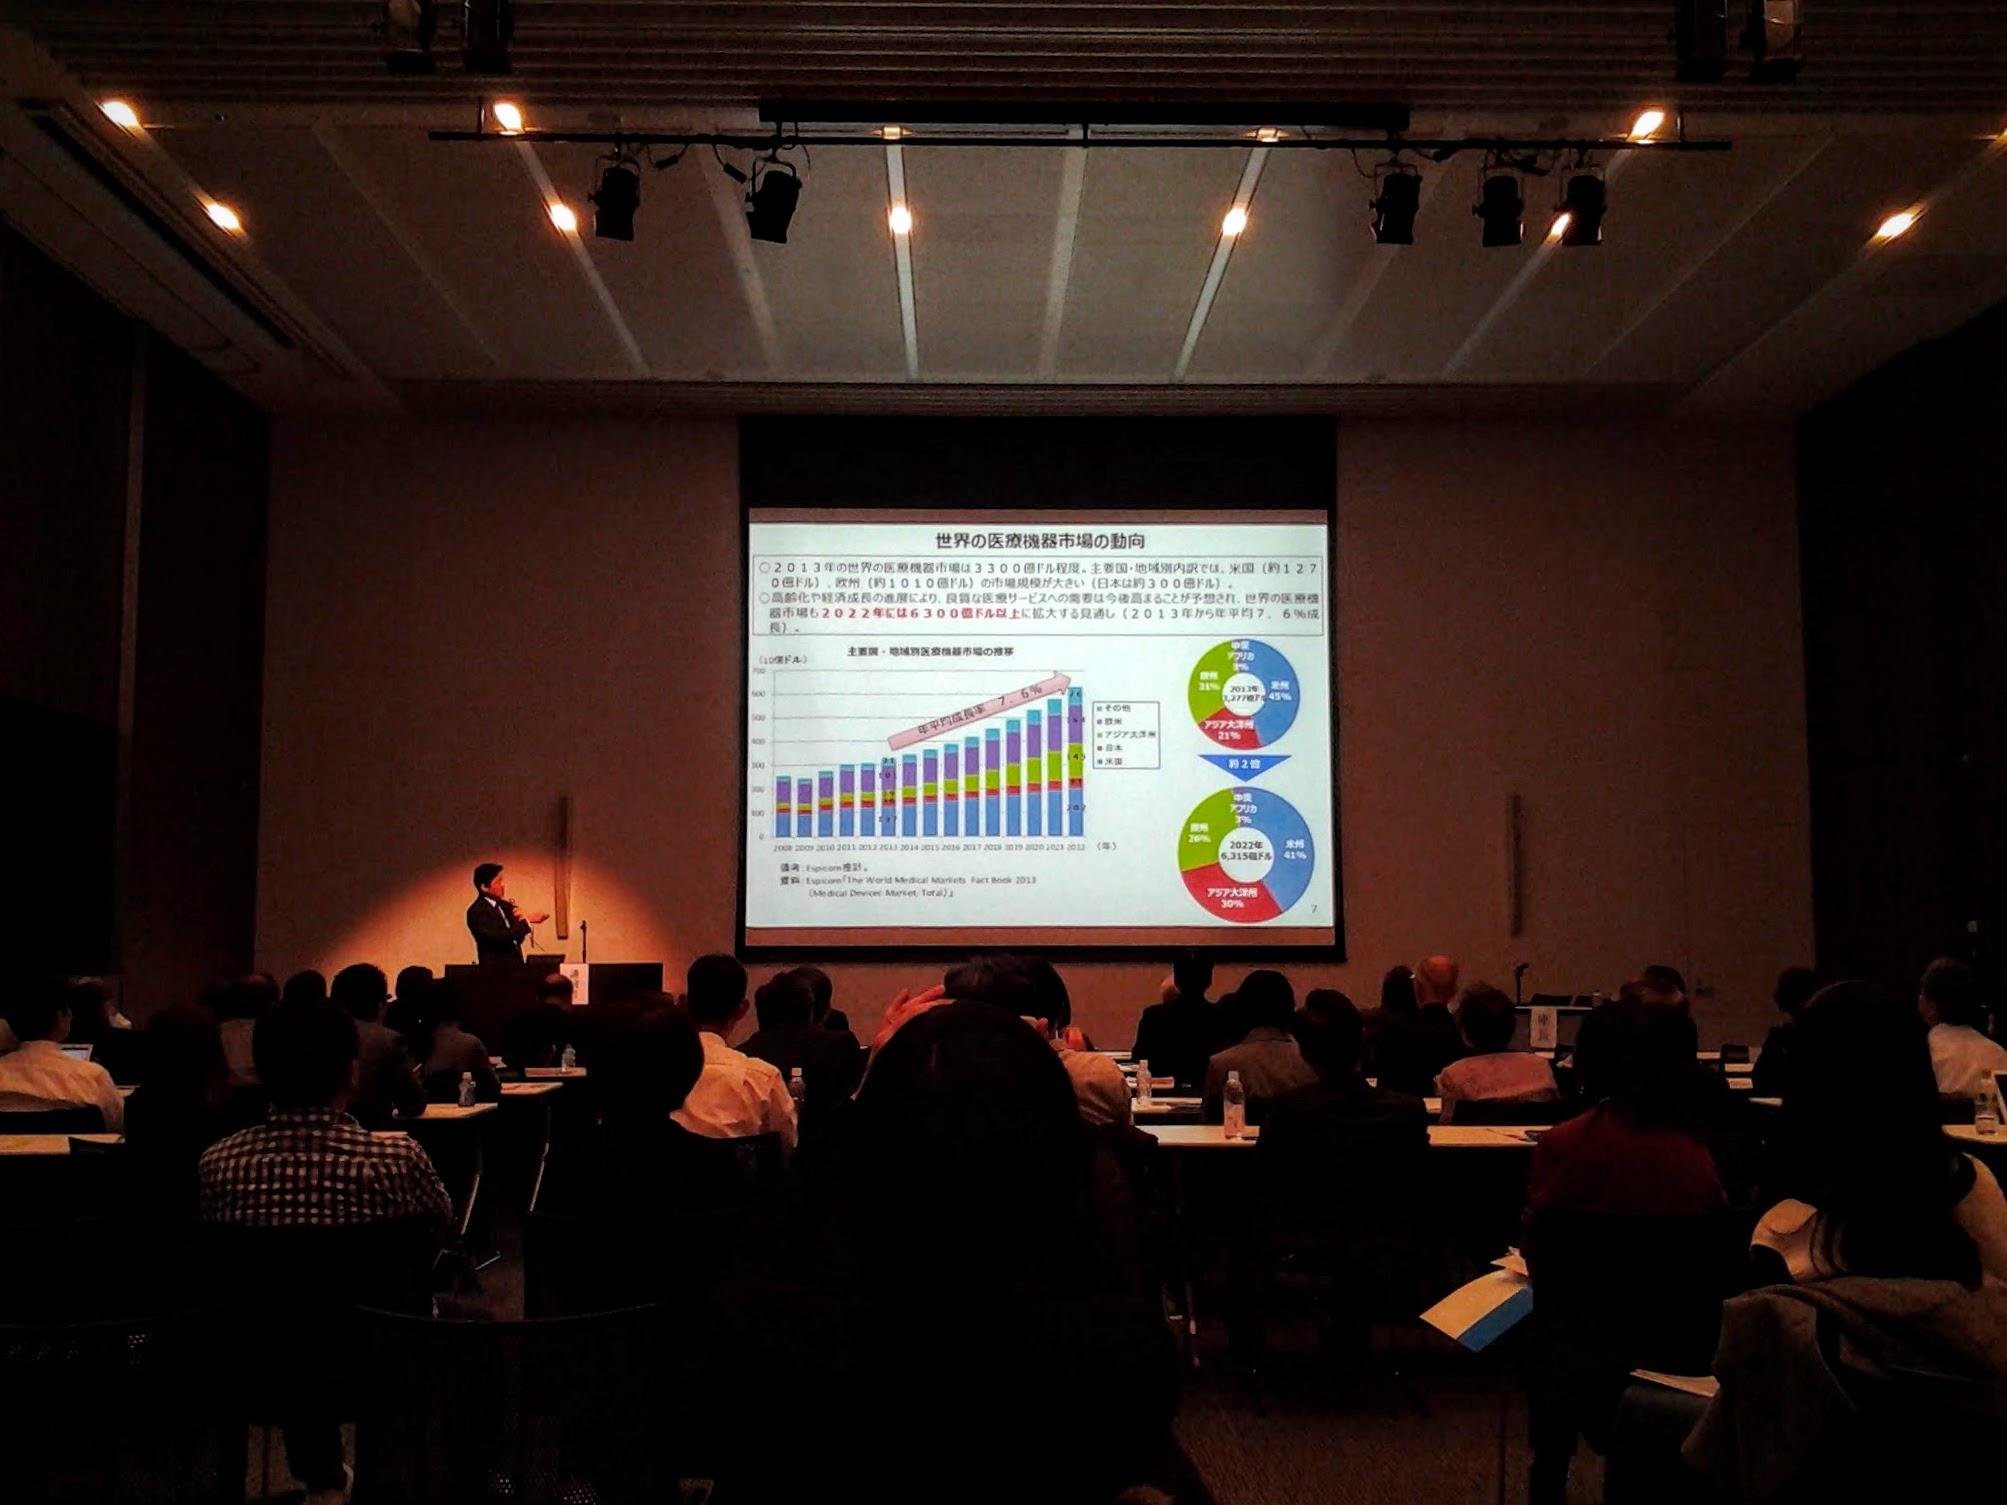 大阪大学国際医療シンポジウムGo Global!!7/日本の国際医療2015~行政、大学の取組と今後の課題解決に向けて~